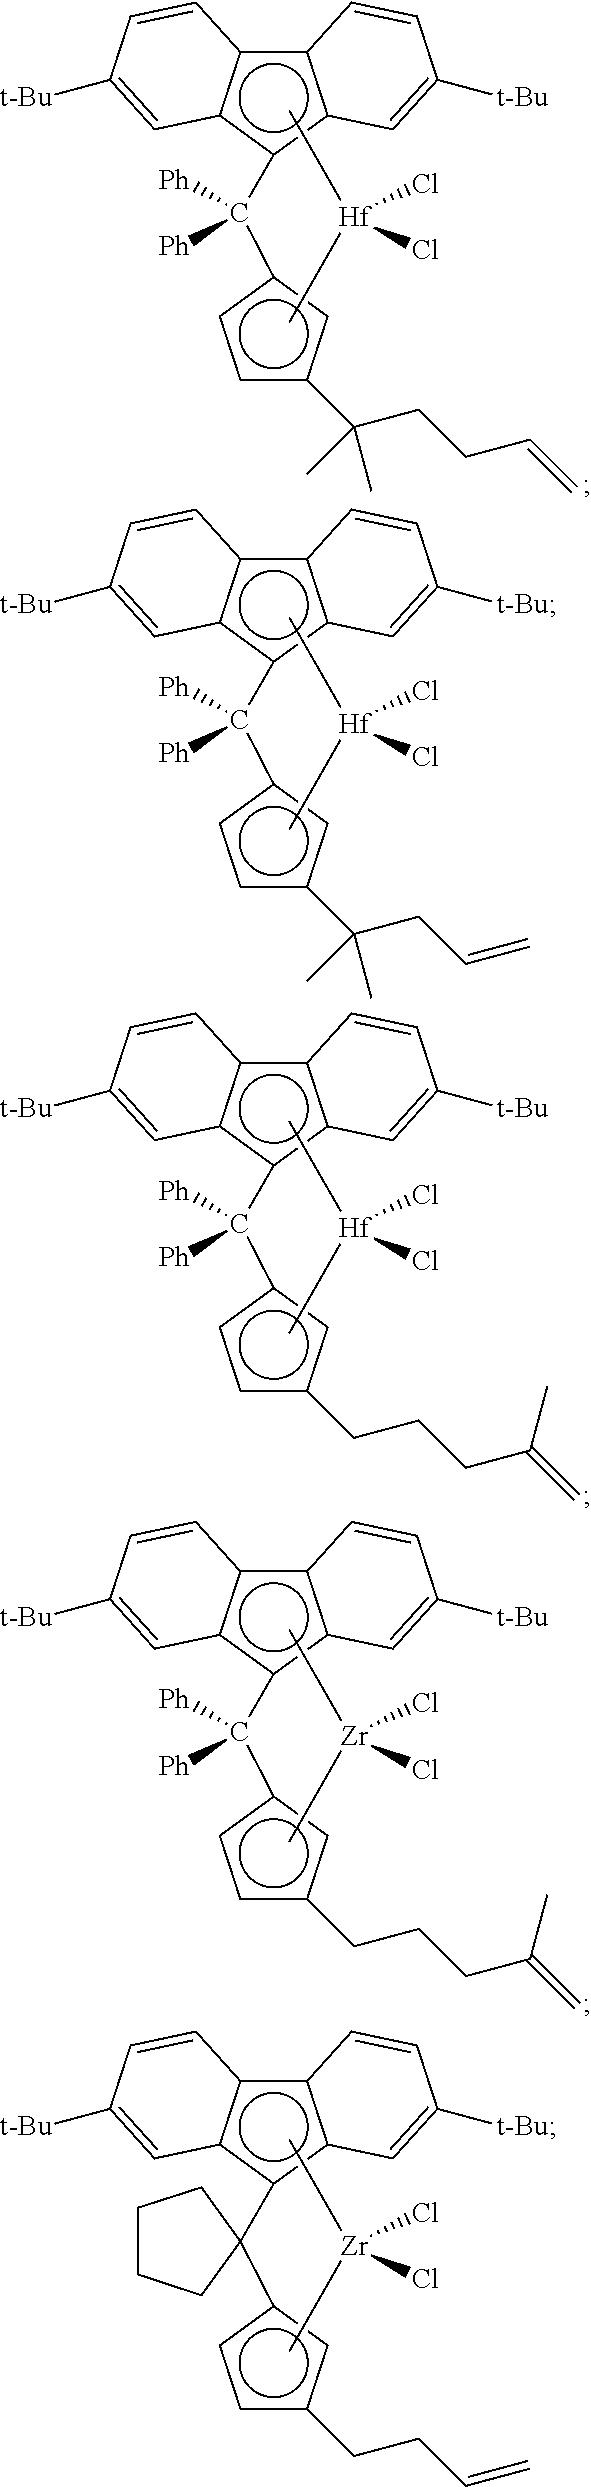 Figure US20110092357A1-20110421-C00002